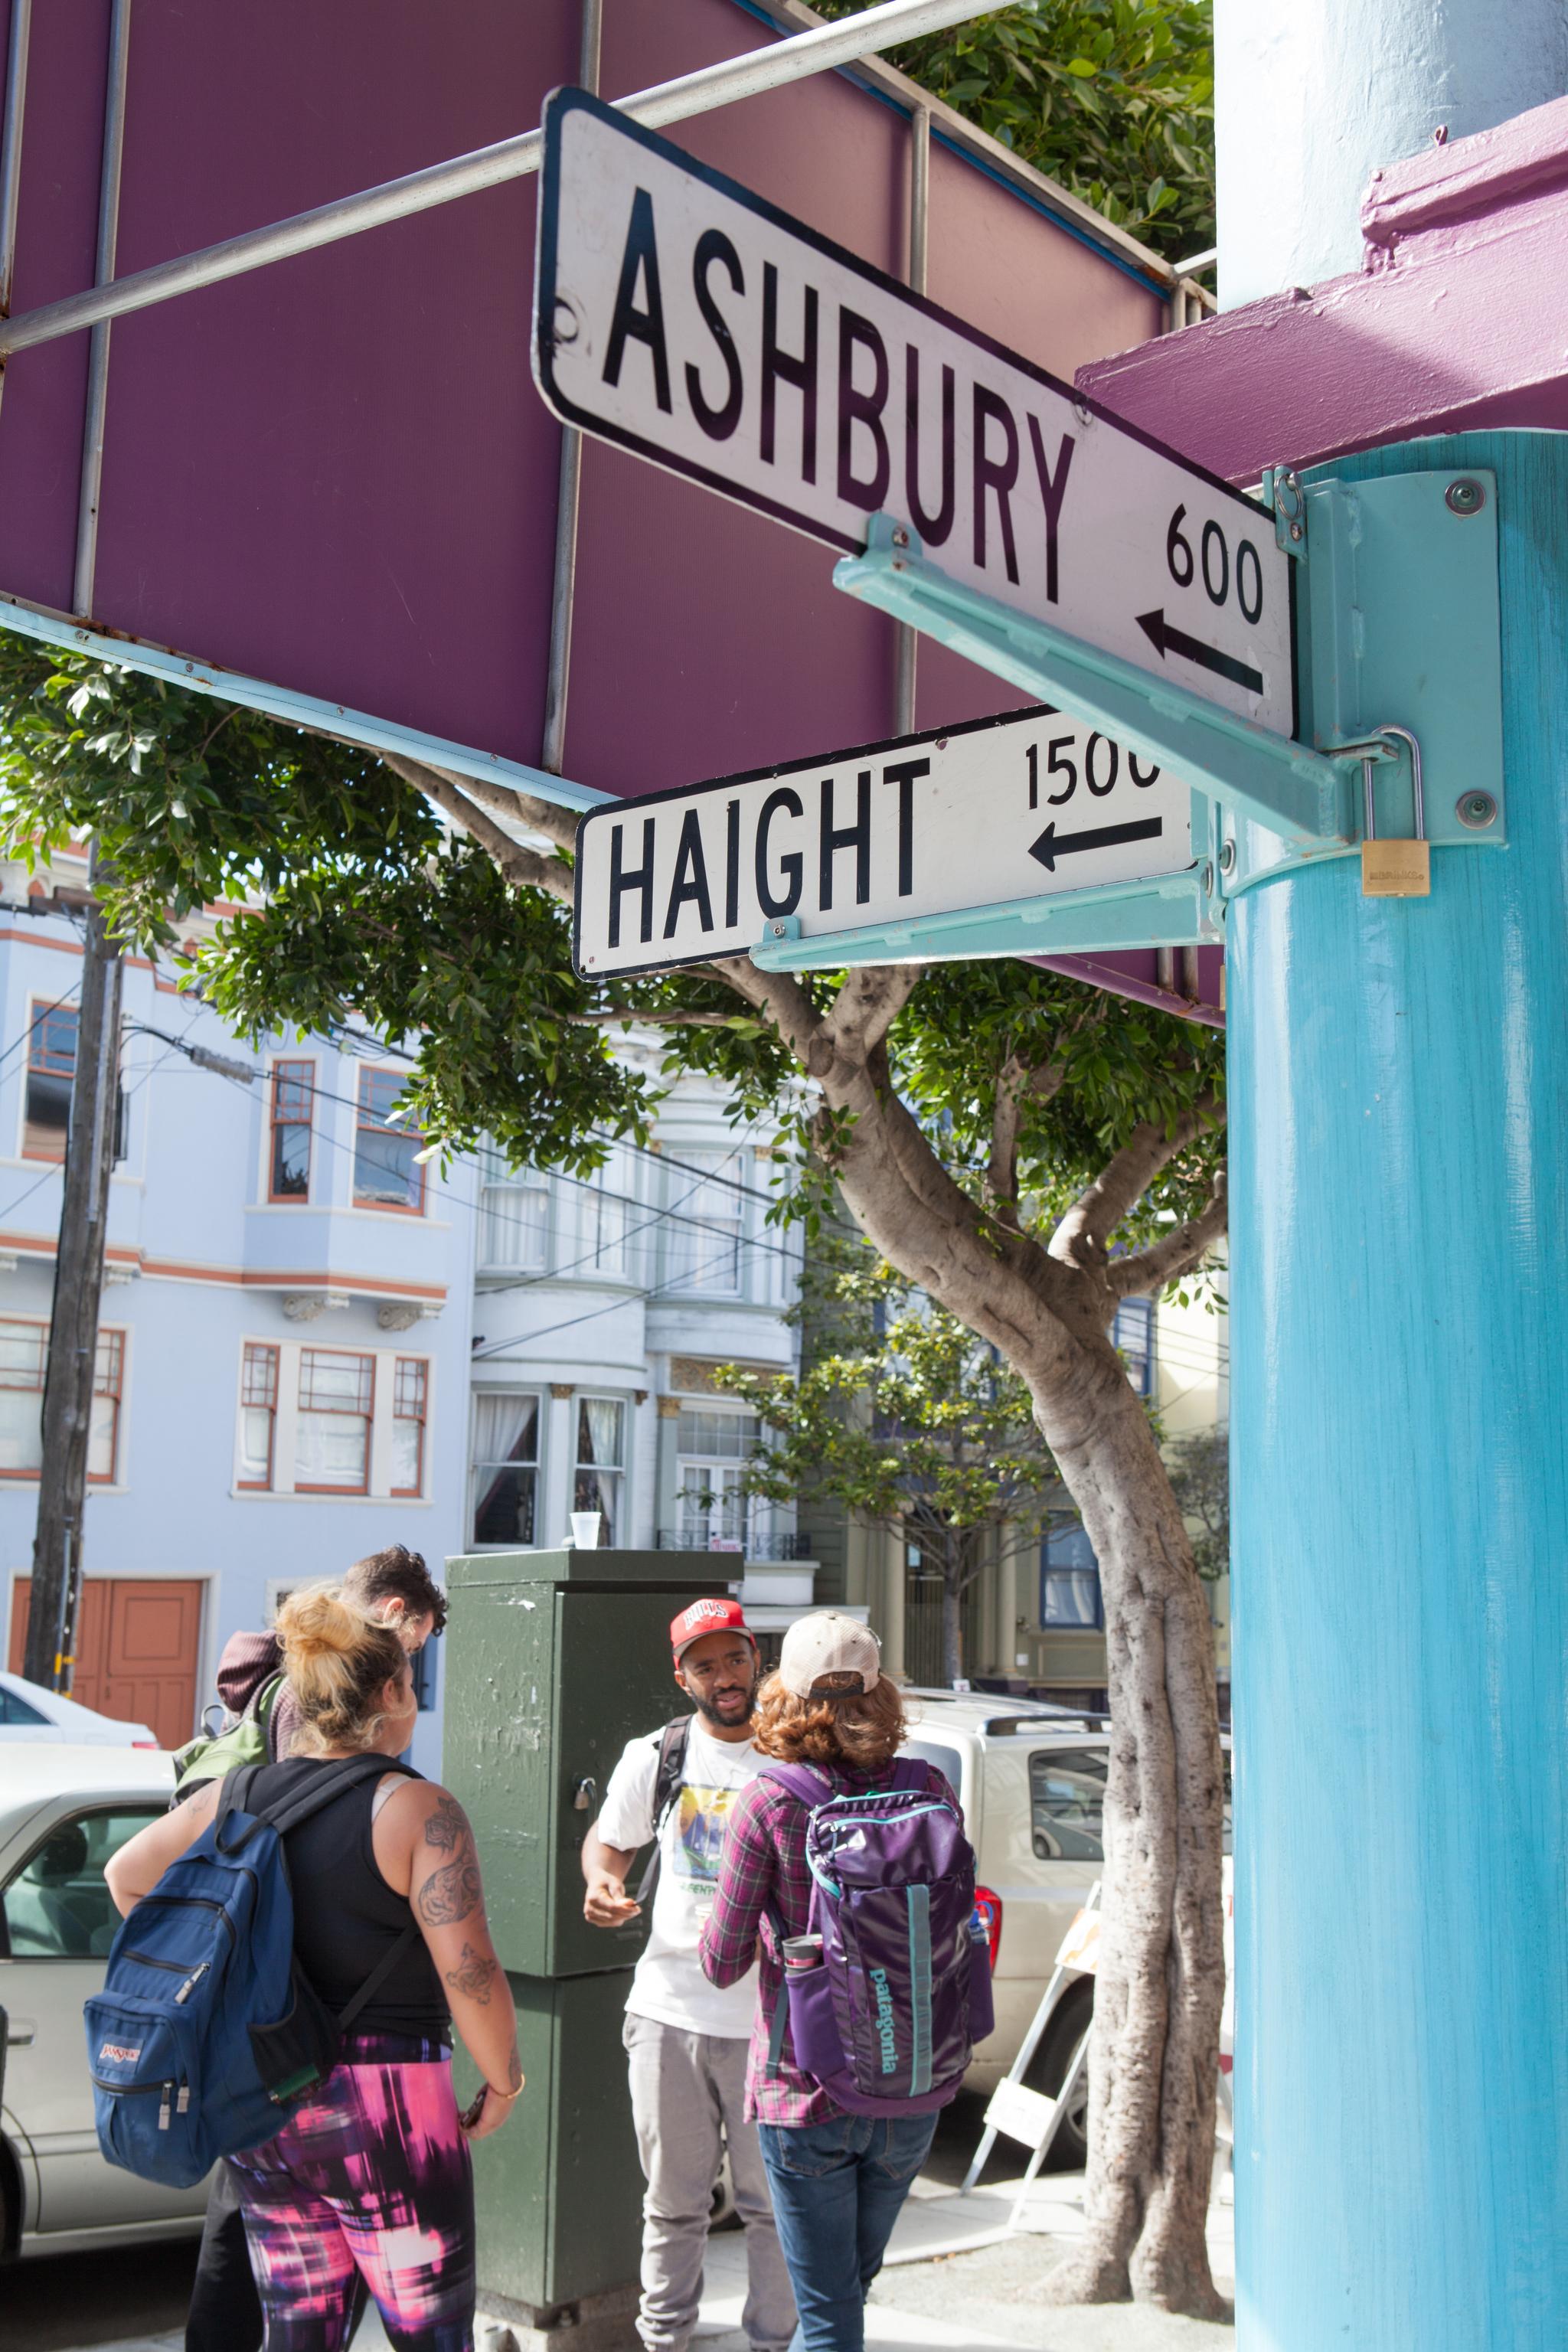 히피 운동의 거점, 헤이트 애시베리 거리.